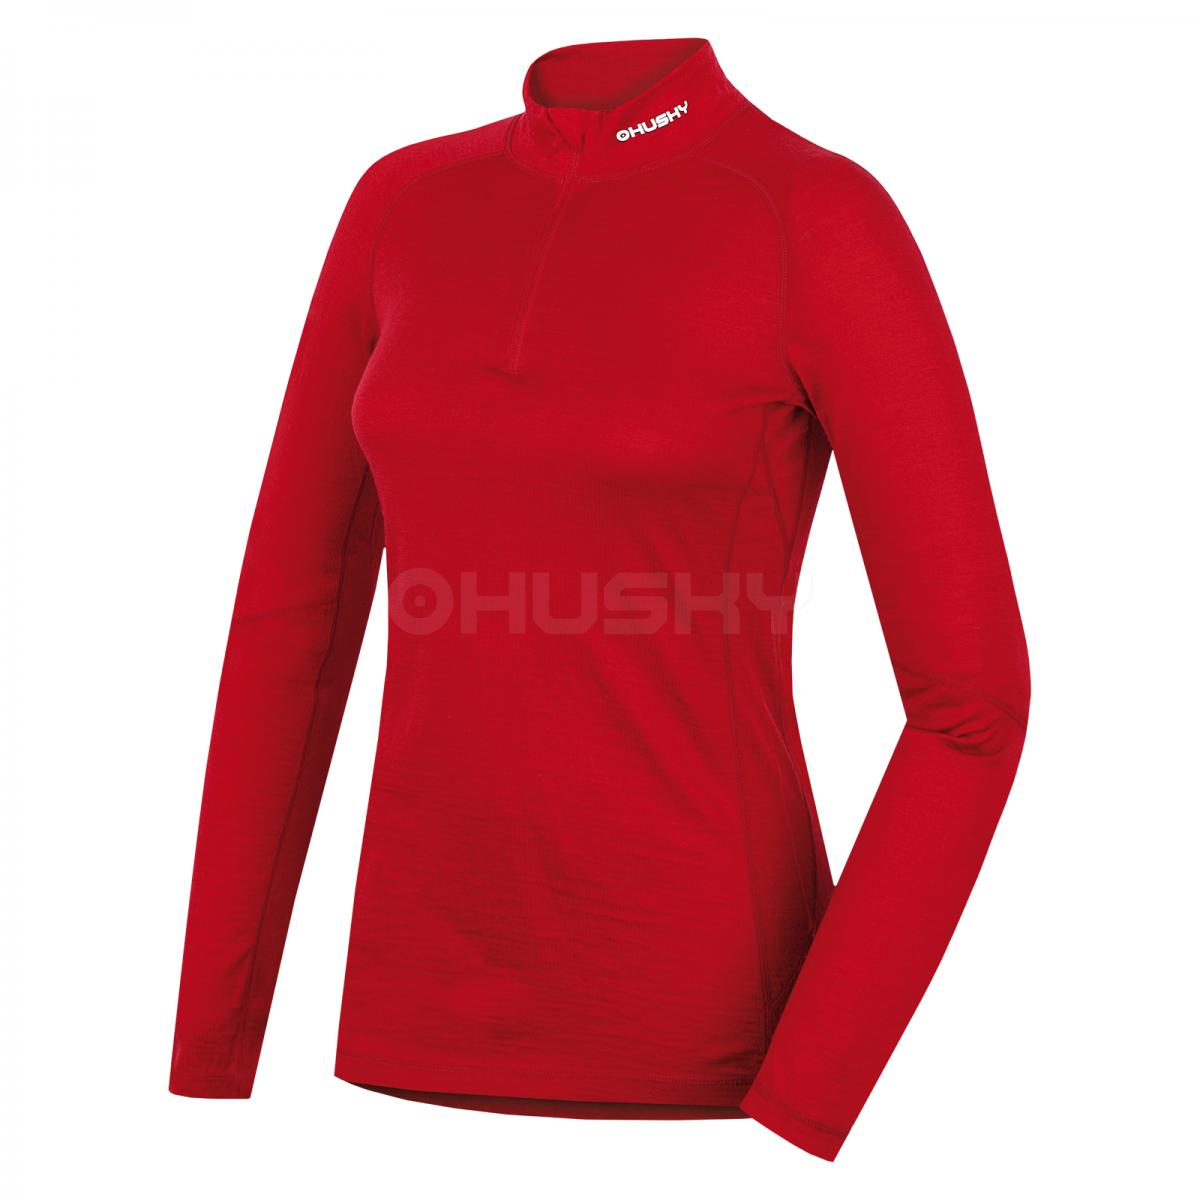 Merino termoprádlo - Triko dlouhé dámské se zipem – červená  30af975c5a